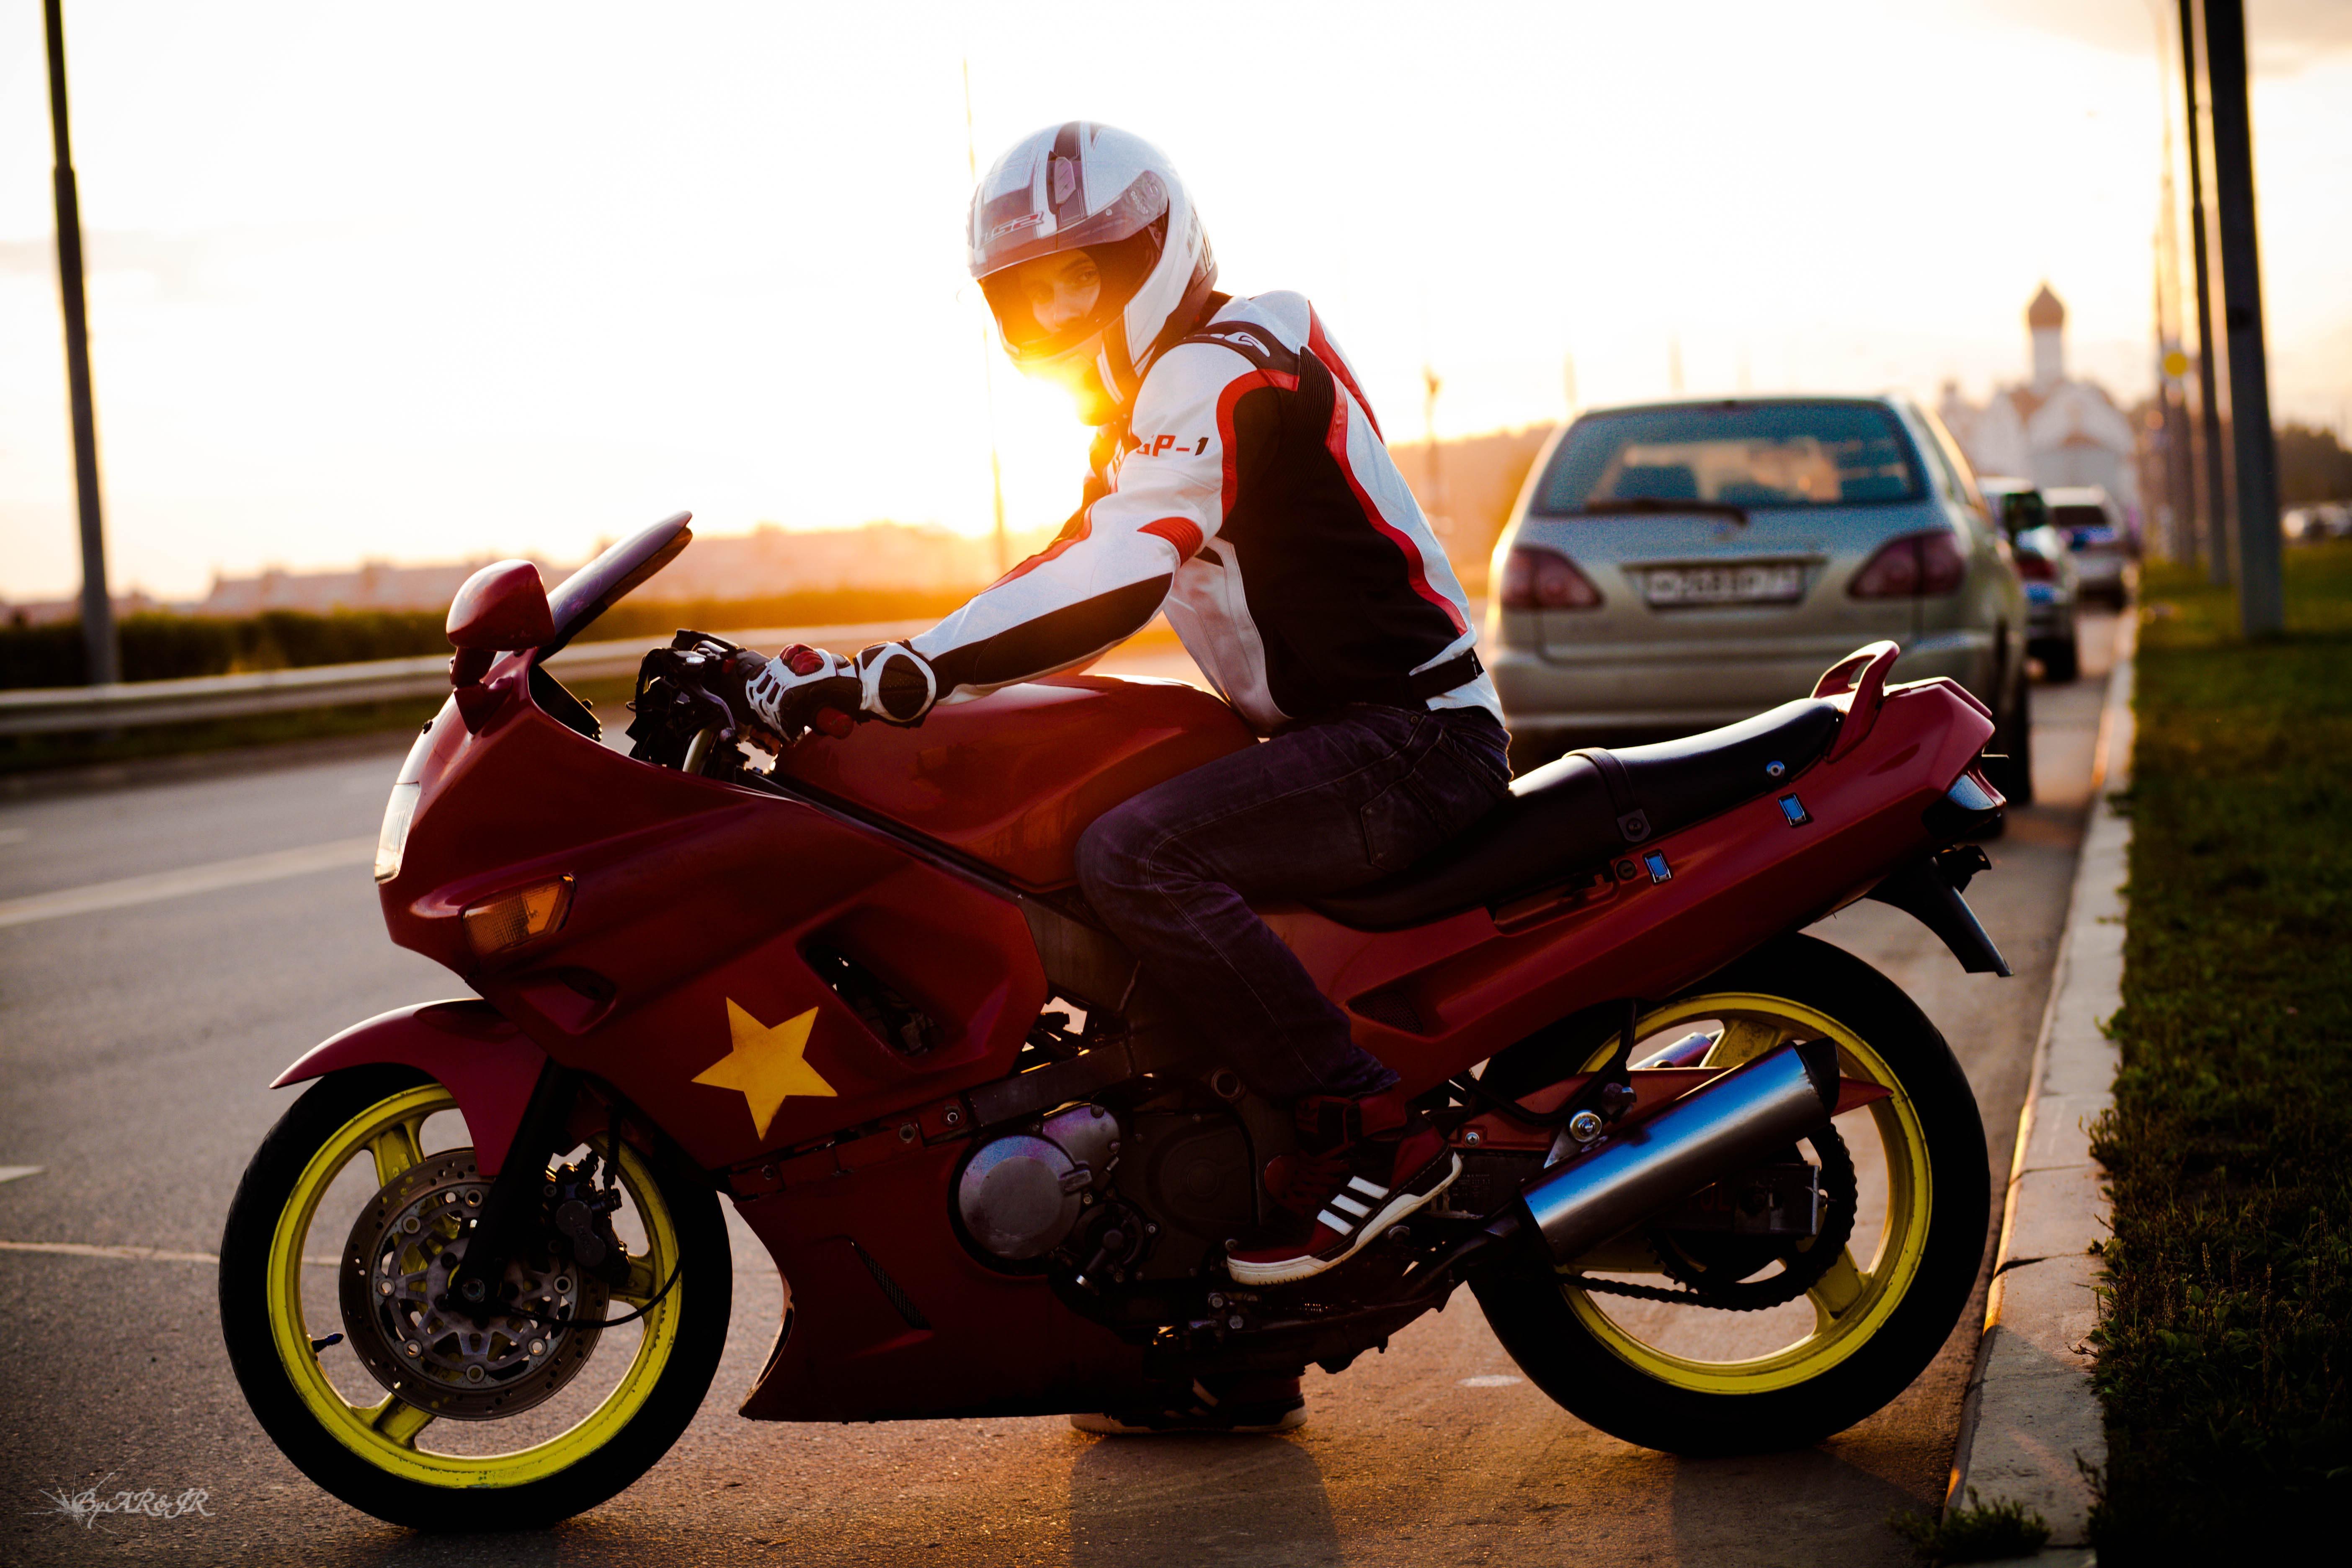 хотите нарисовать парень на мотоцикле фото с высоким разрешением делаем